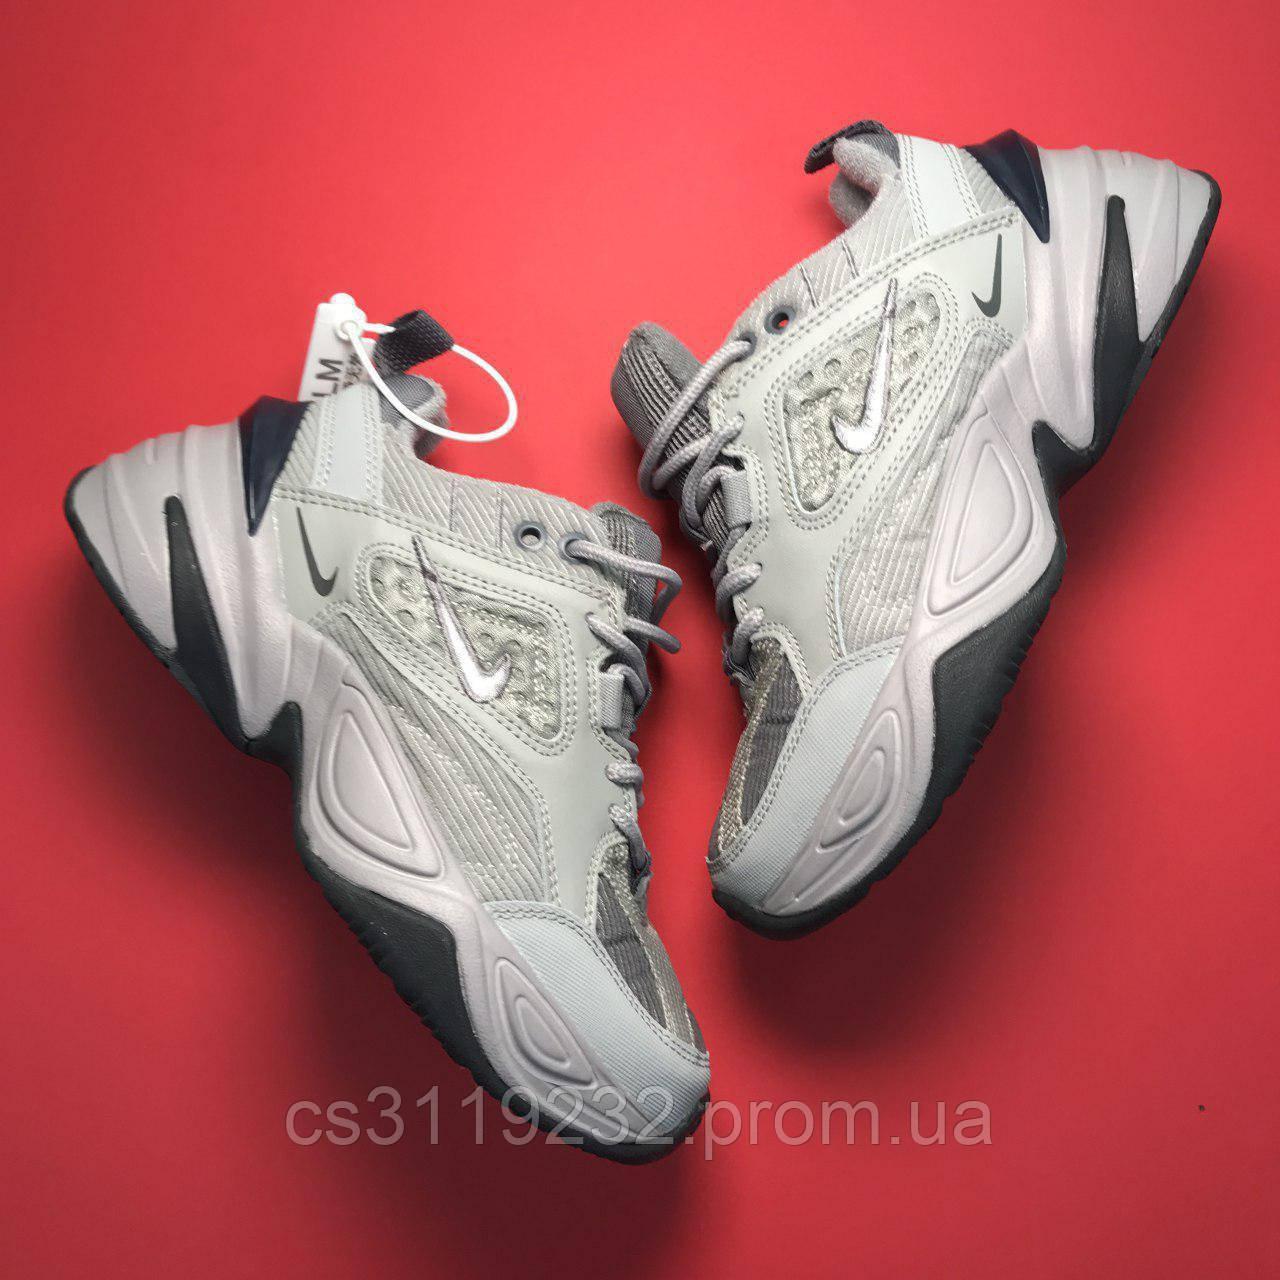 Мужские кроссовки Nike M2K Tekno (серые)